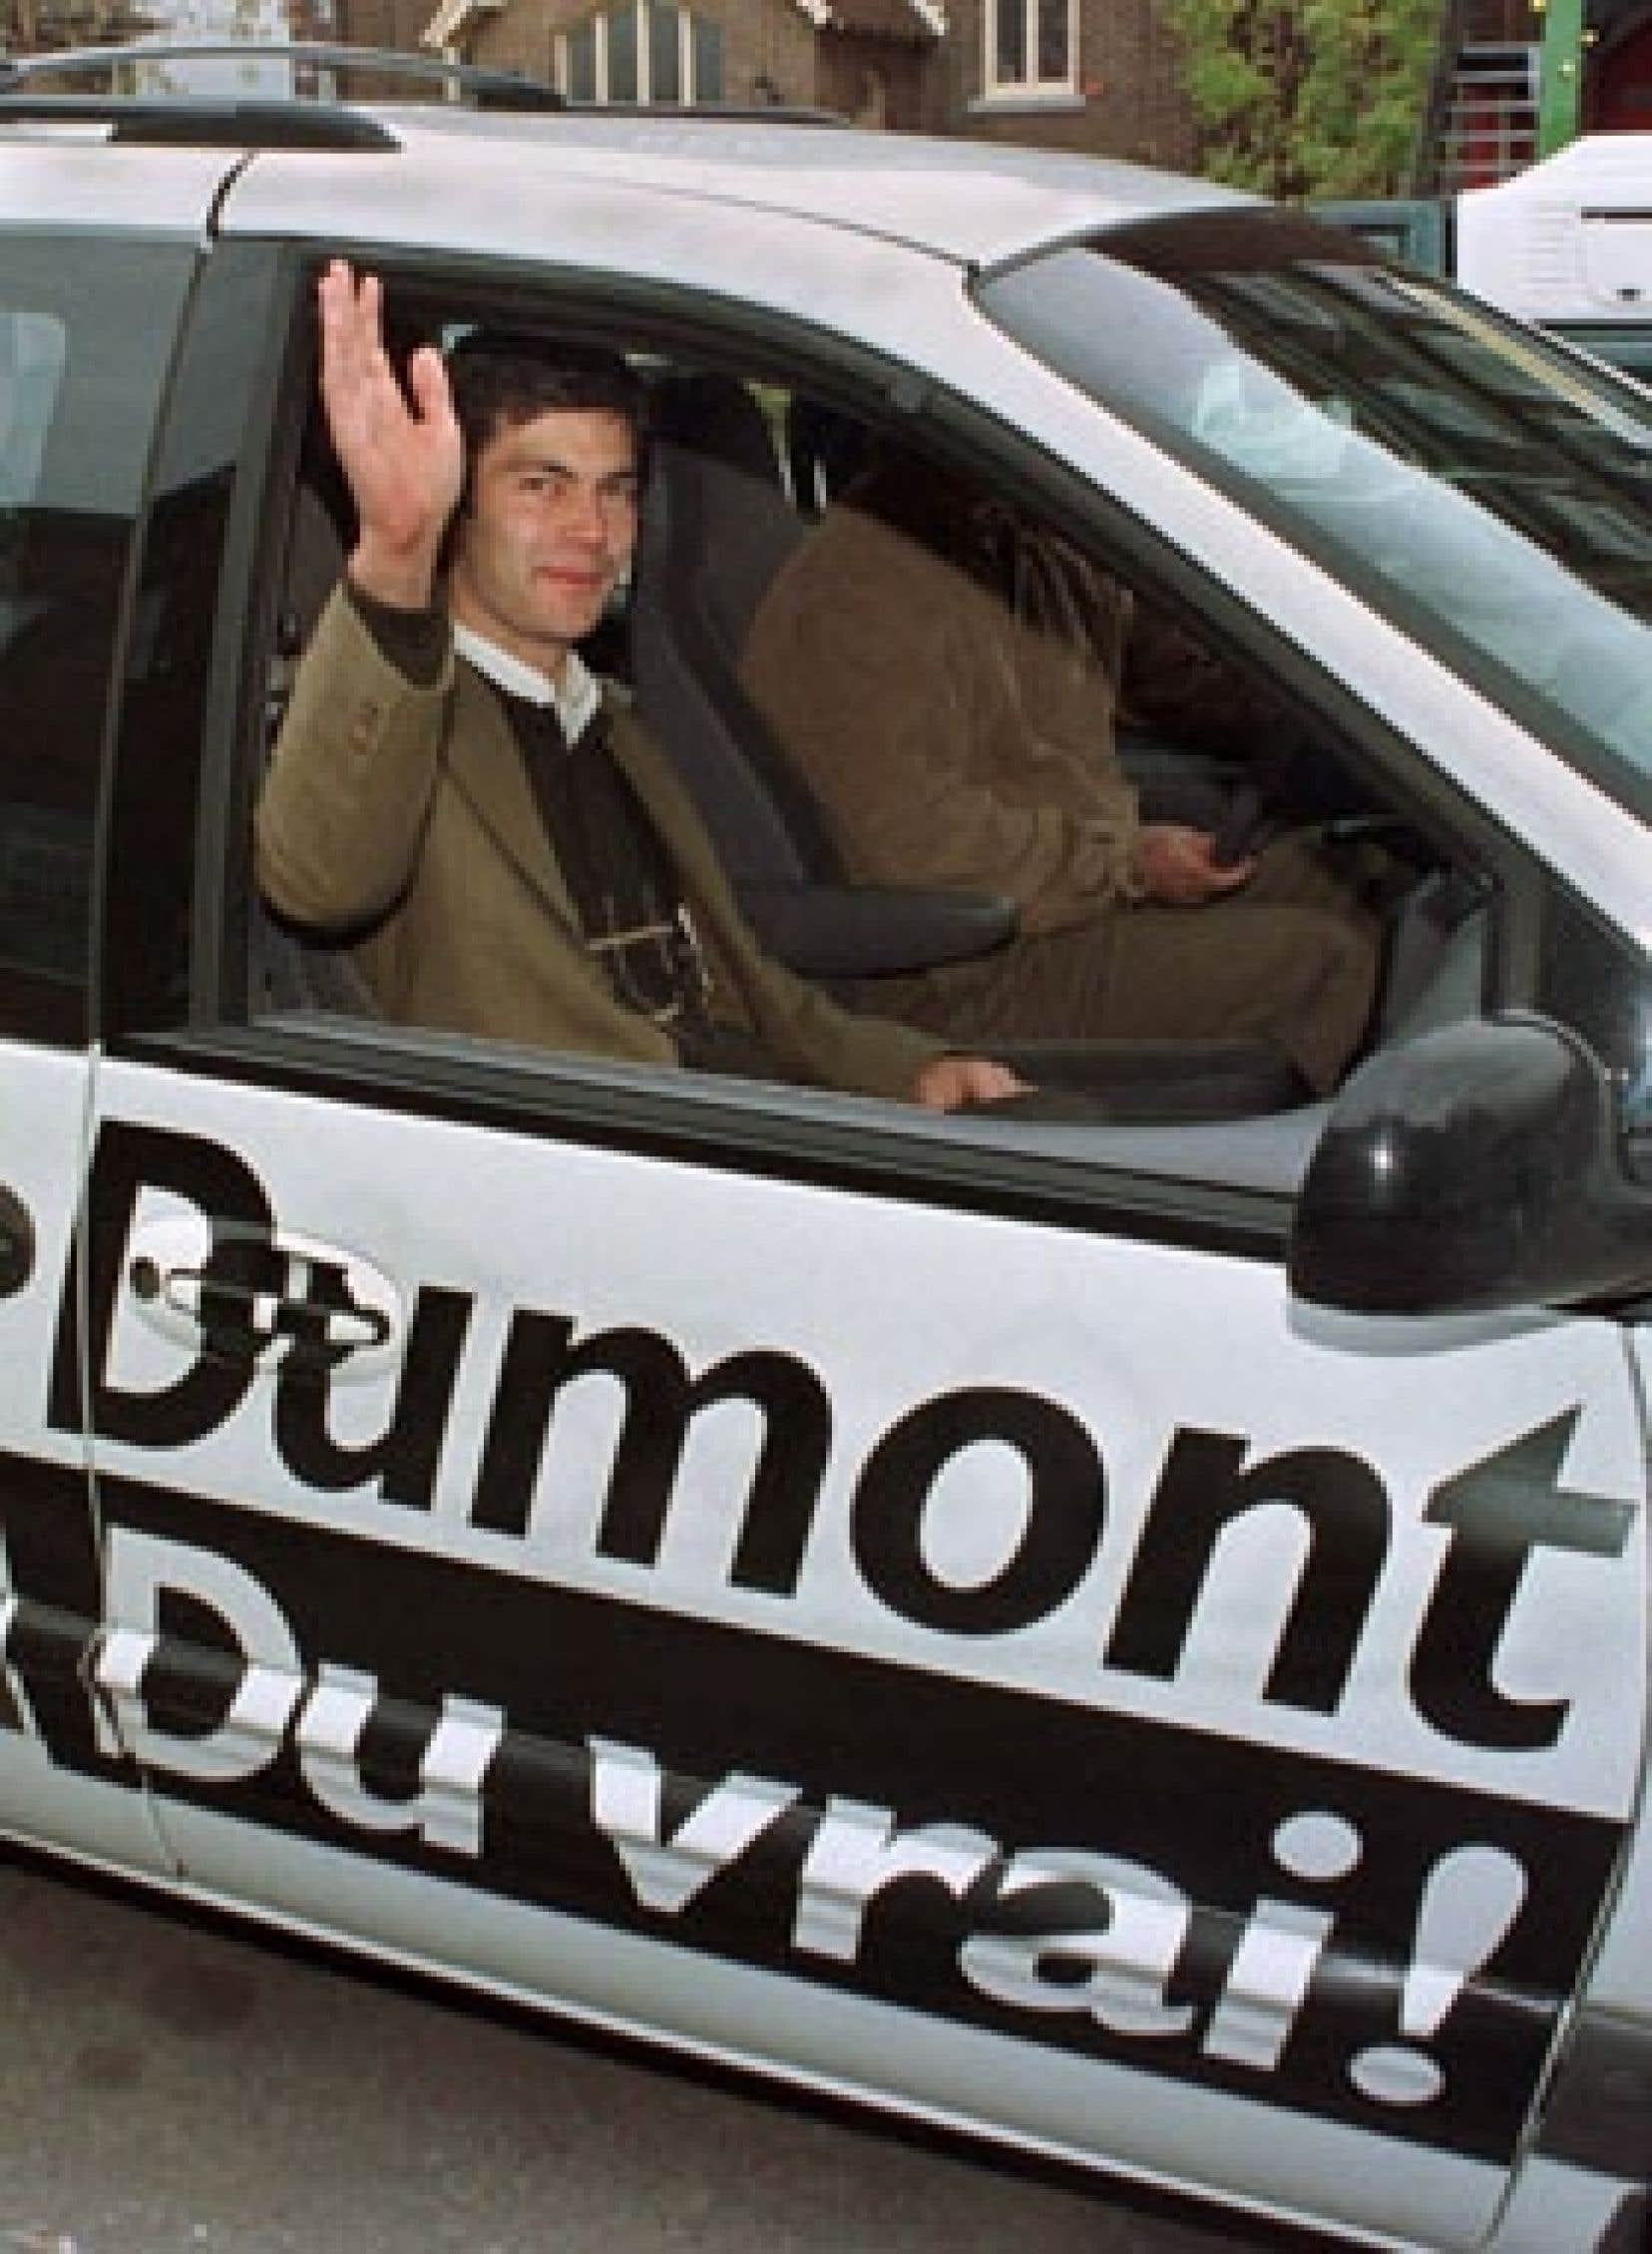 À sa deuxième campagne électorale, en 1998, le jeune chef de l'Action démocratique, Mario Dumont, ne disposait toujours pas d'un autobus, comme ses adversaires. Les moyens de son parti étaient plus modestes.